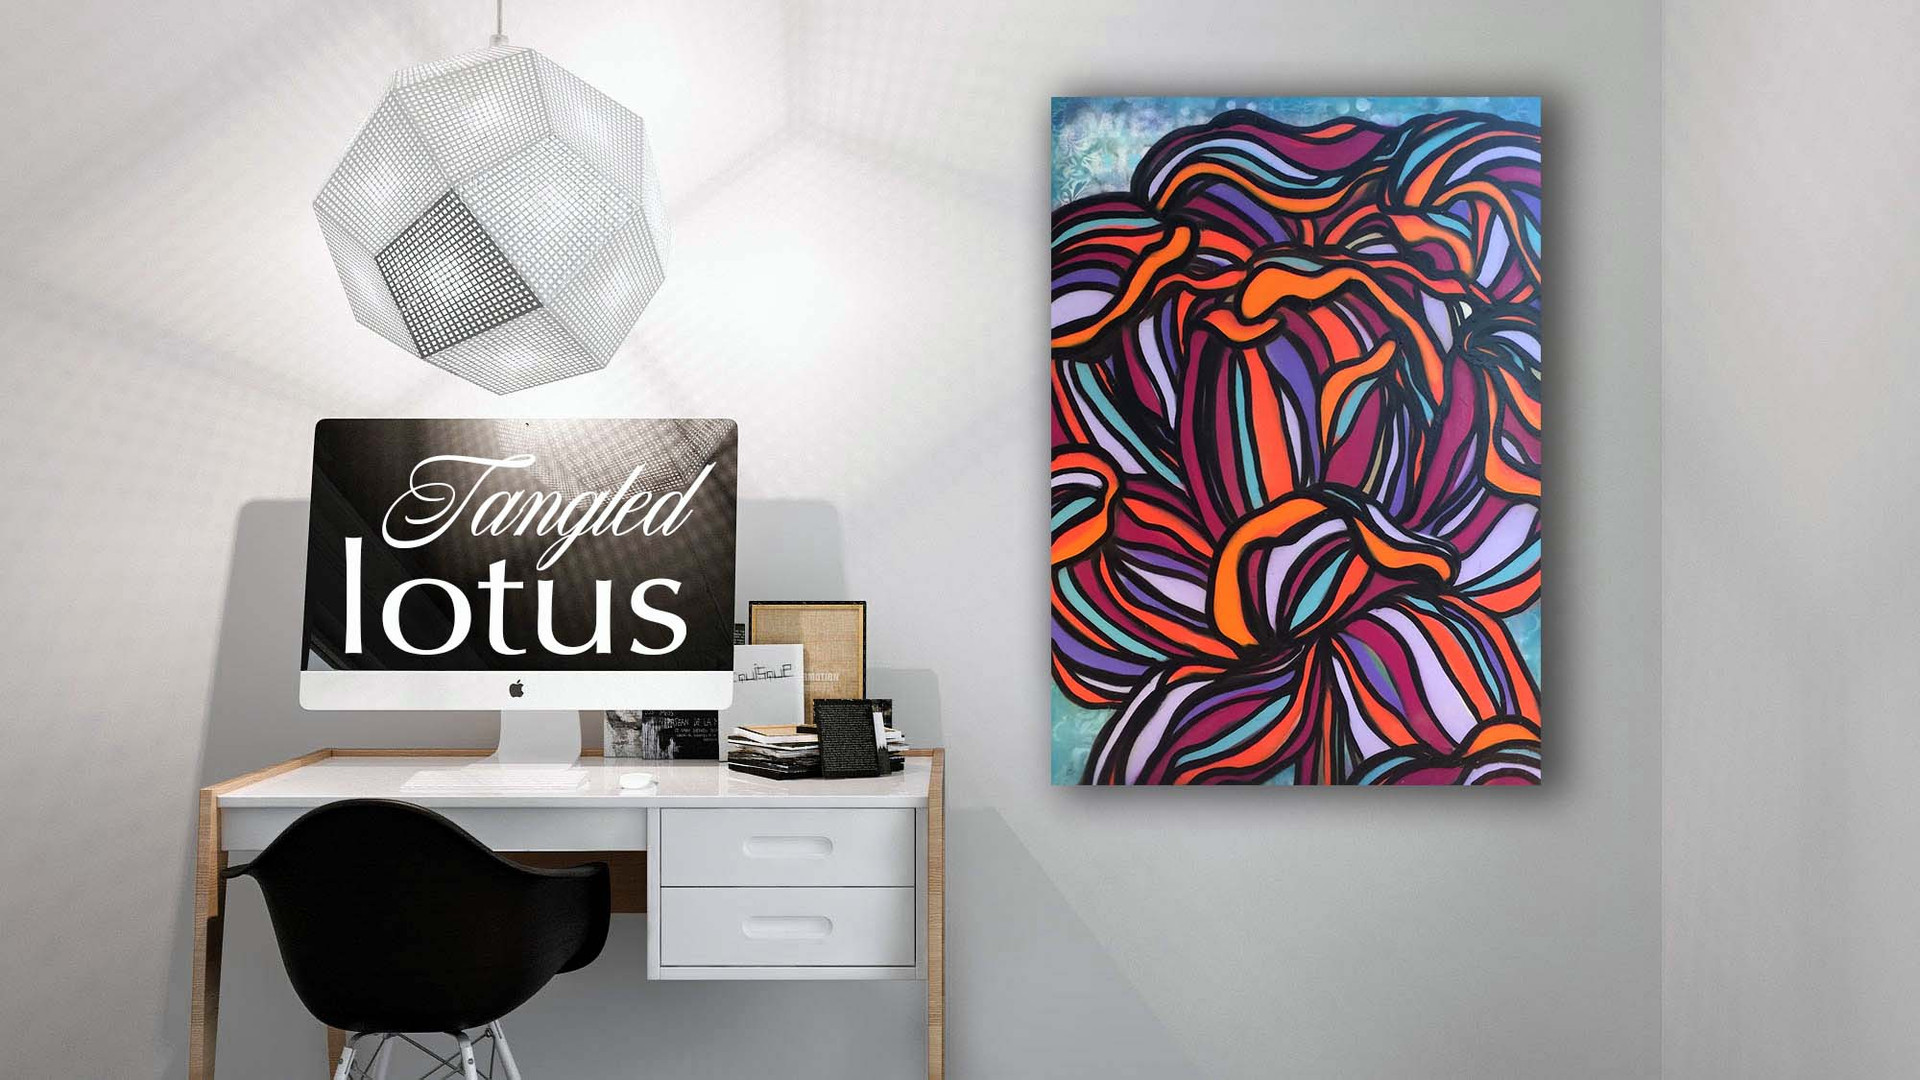 tangled lotus promo.jpg